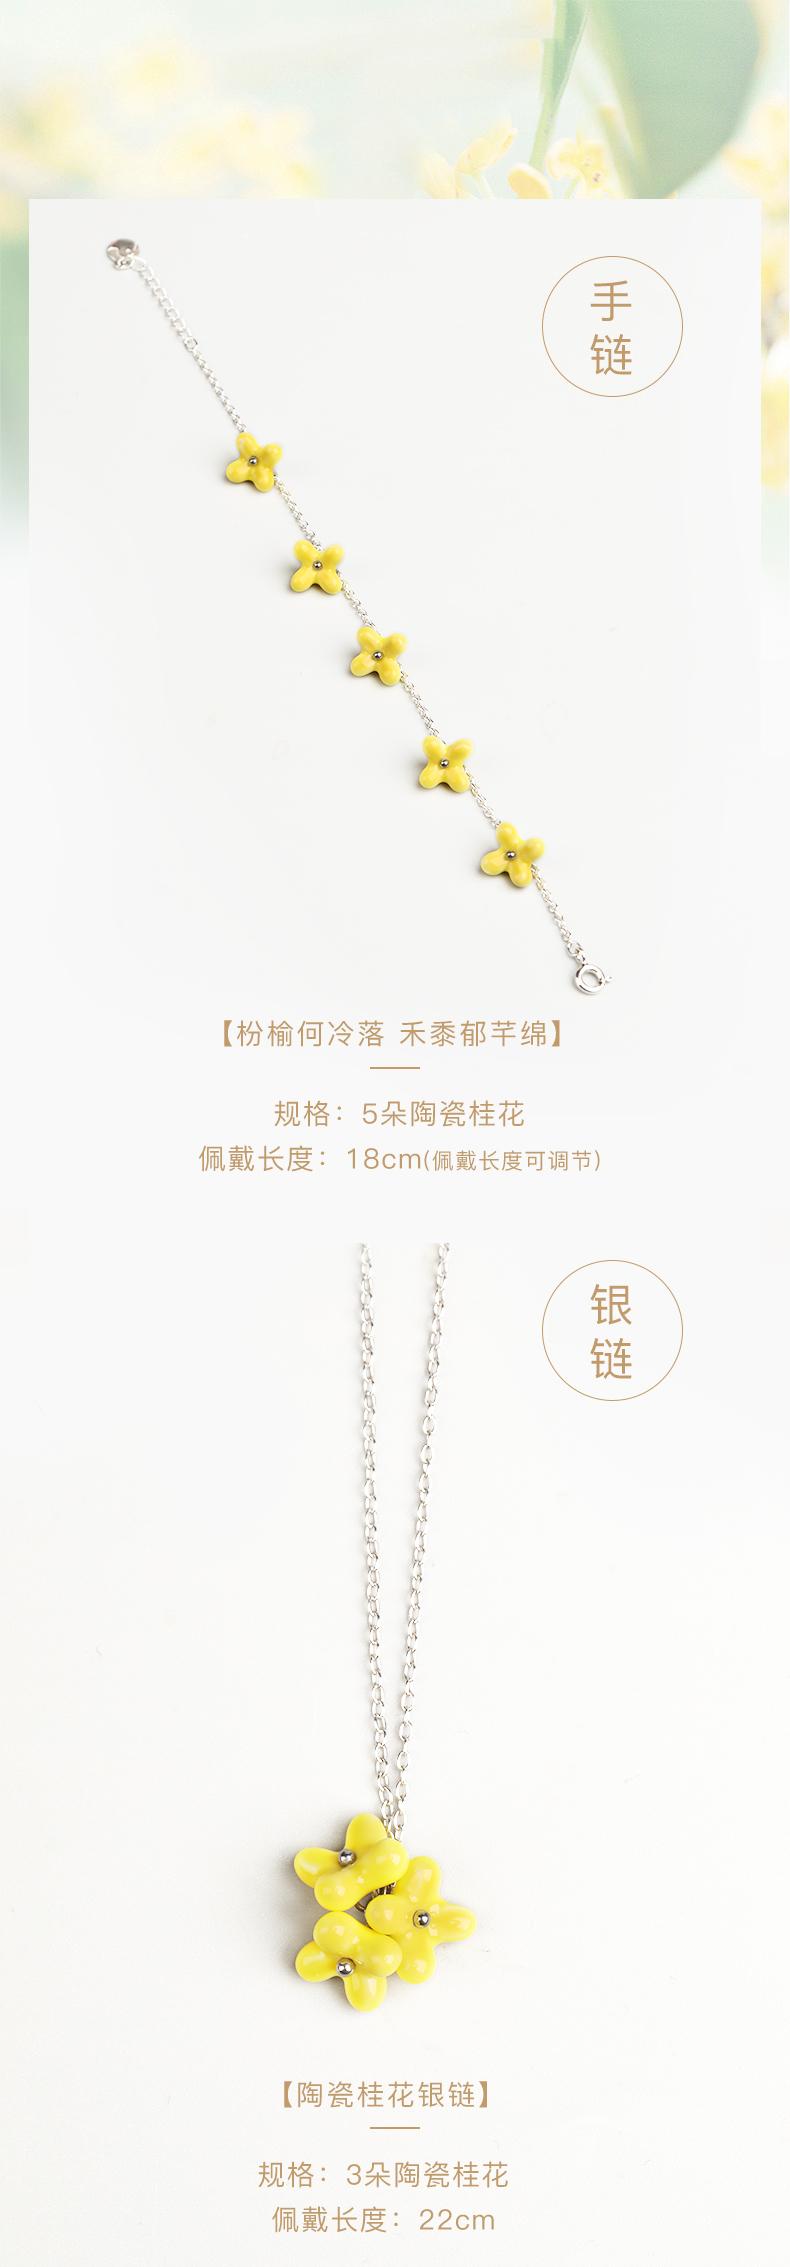 陶瓷桂花首饰_11.jpg